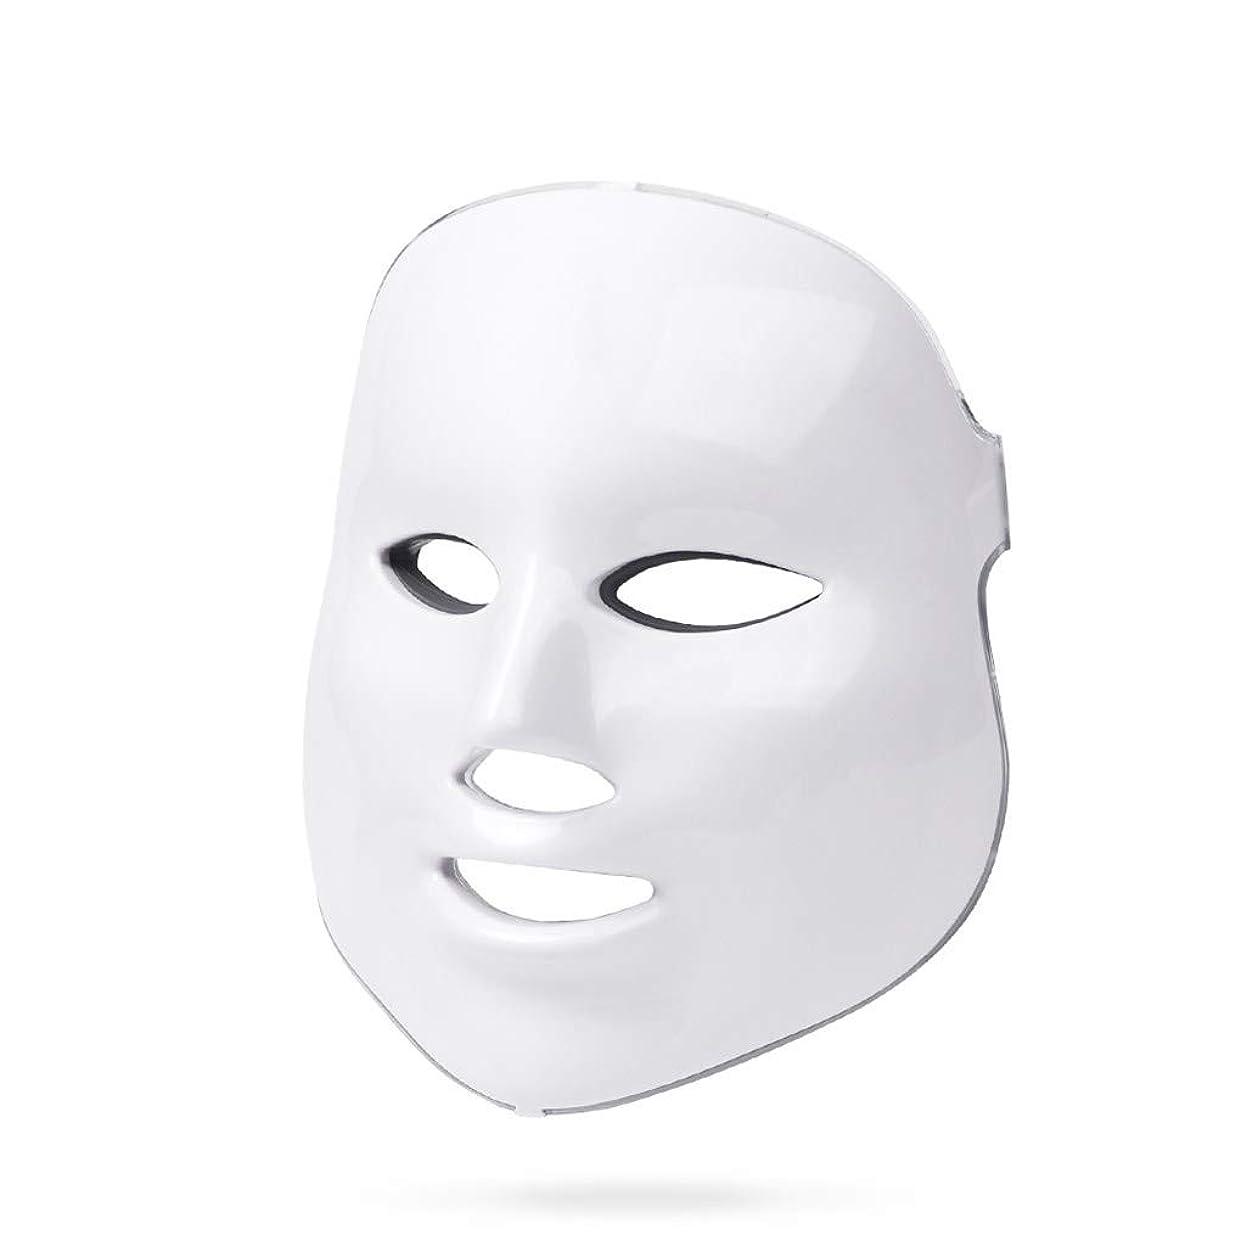 可聴高層ビル医療のライトセラピー?マスク、ライトセラピーは調色、しわ、アクネホワイトニングマスクフェイシャルマスクセラピー7色のアンチエイジングスキンケアライトセラピーにきびを率いにきび治療をマスク (Color : White)